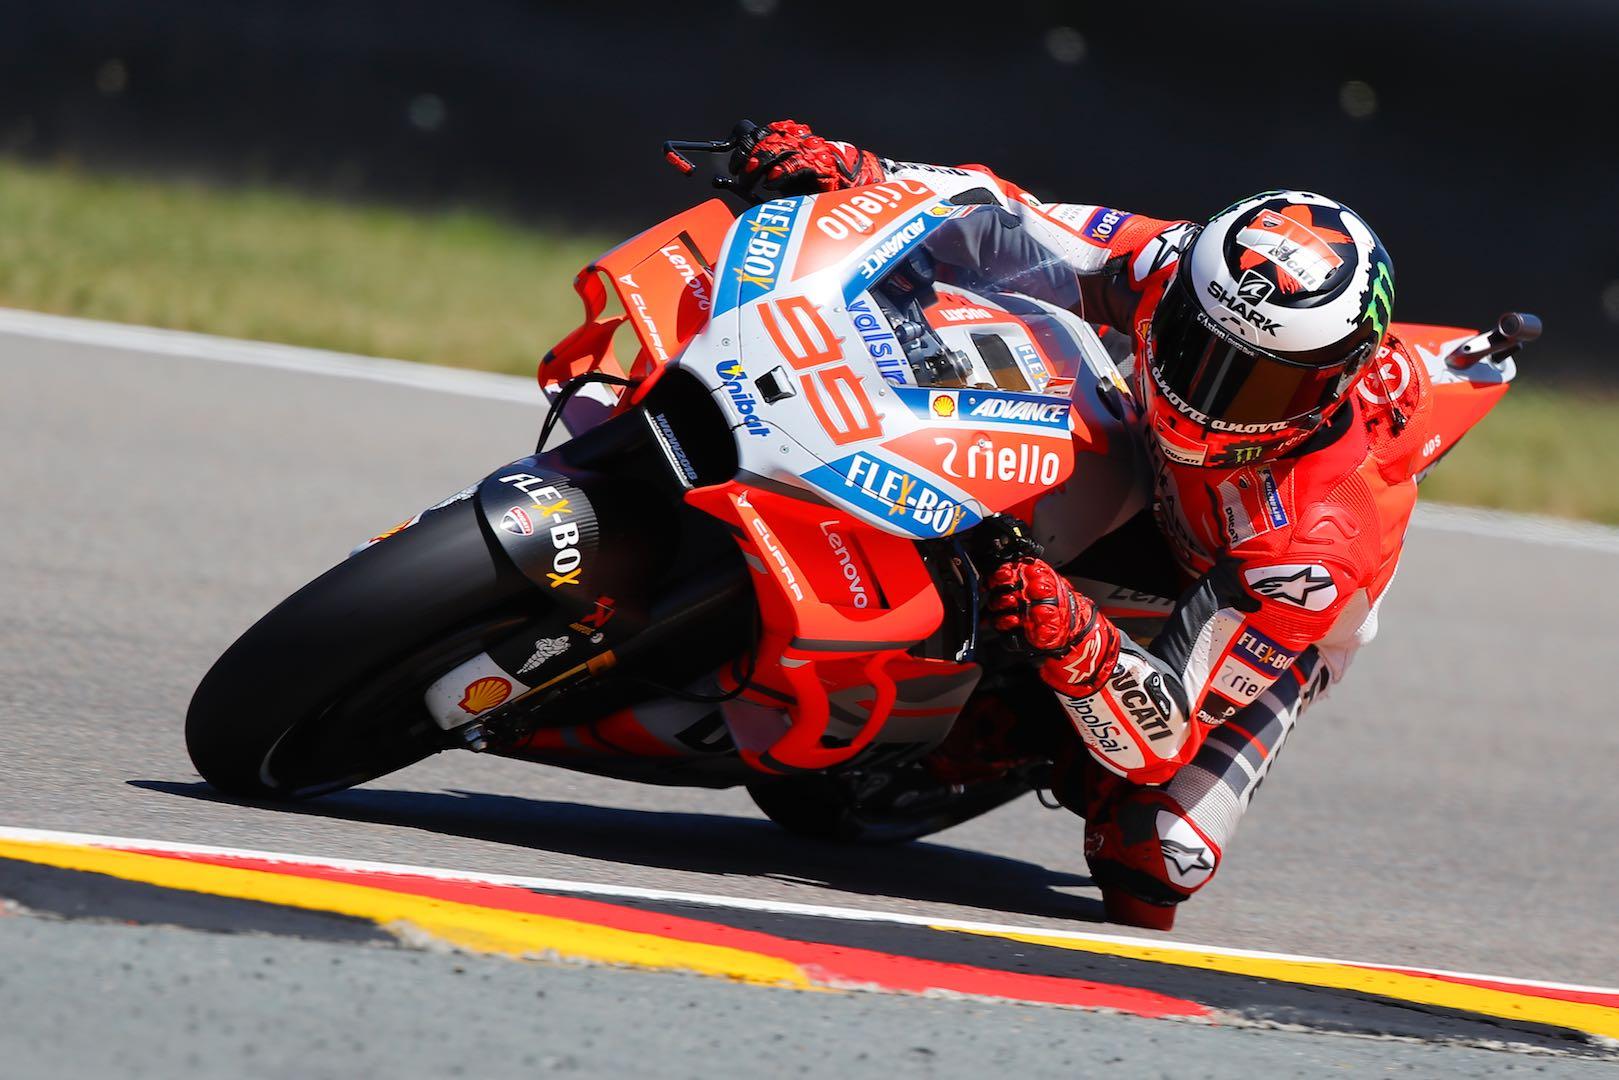 2018 Sachsenring MotoGP Qualifying: Ducati's Jorge Lorenzo